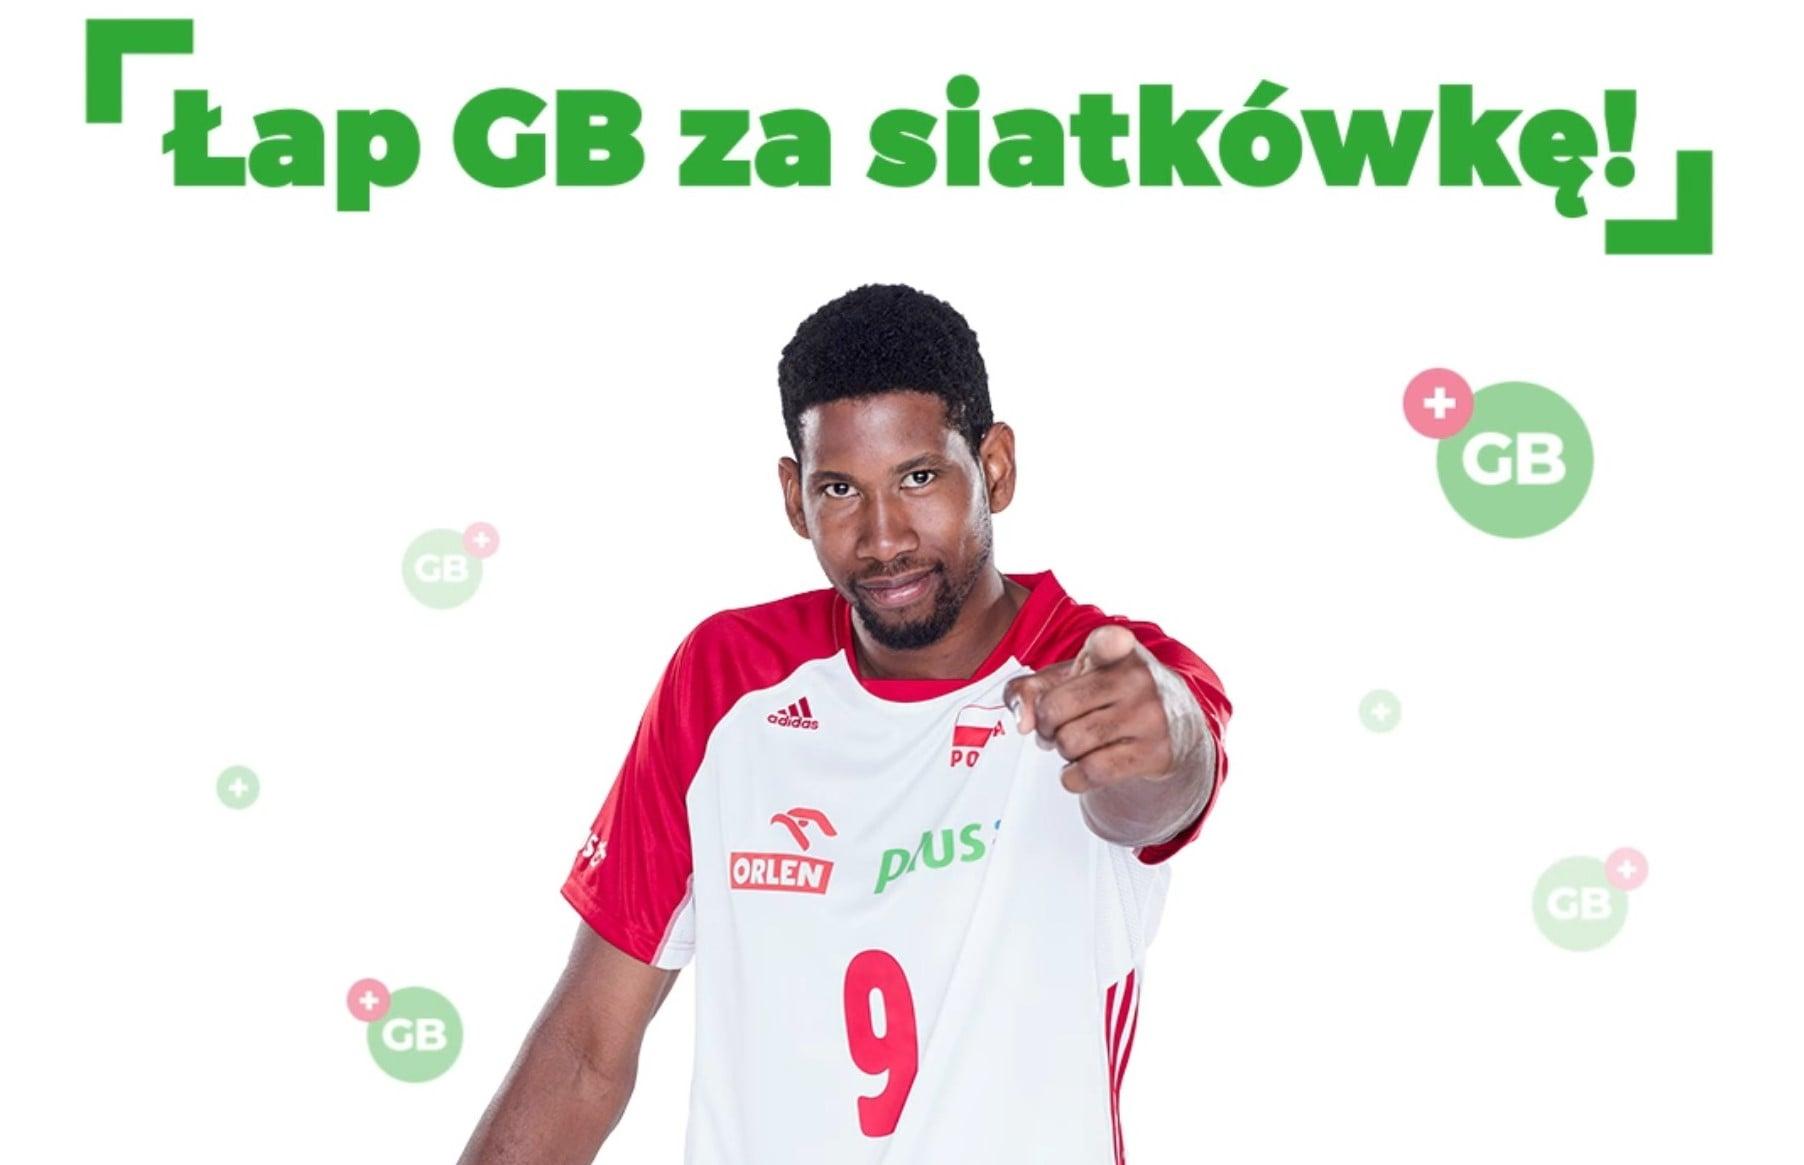 Tylko dziś: Plus rozdaje darmowe gigabajty za wygrane mecze polskich siatkarzy 23